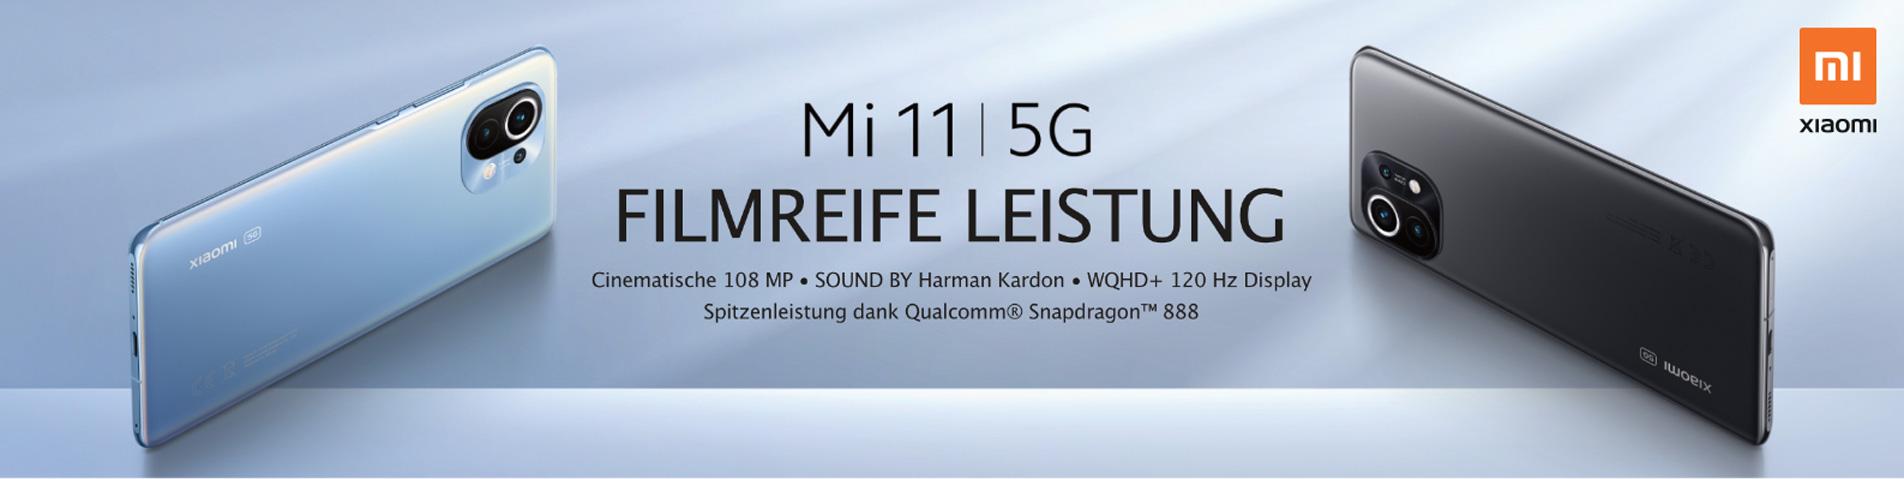 Xiaomi-Mi-11-5G-Specs-Banner